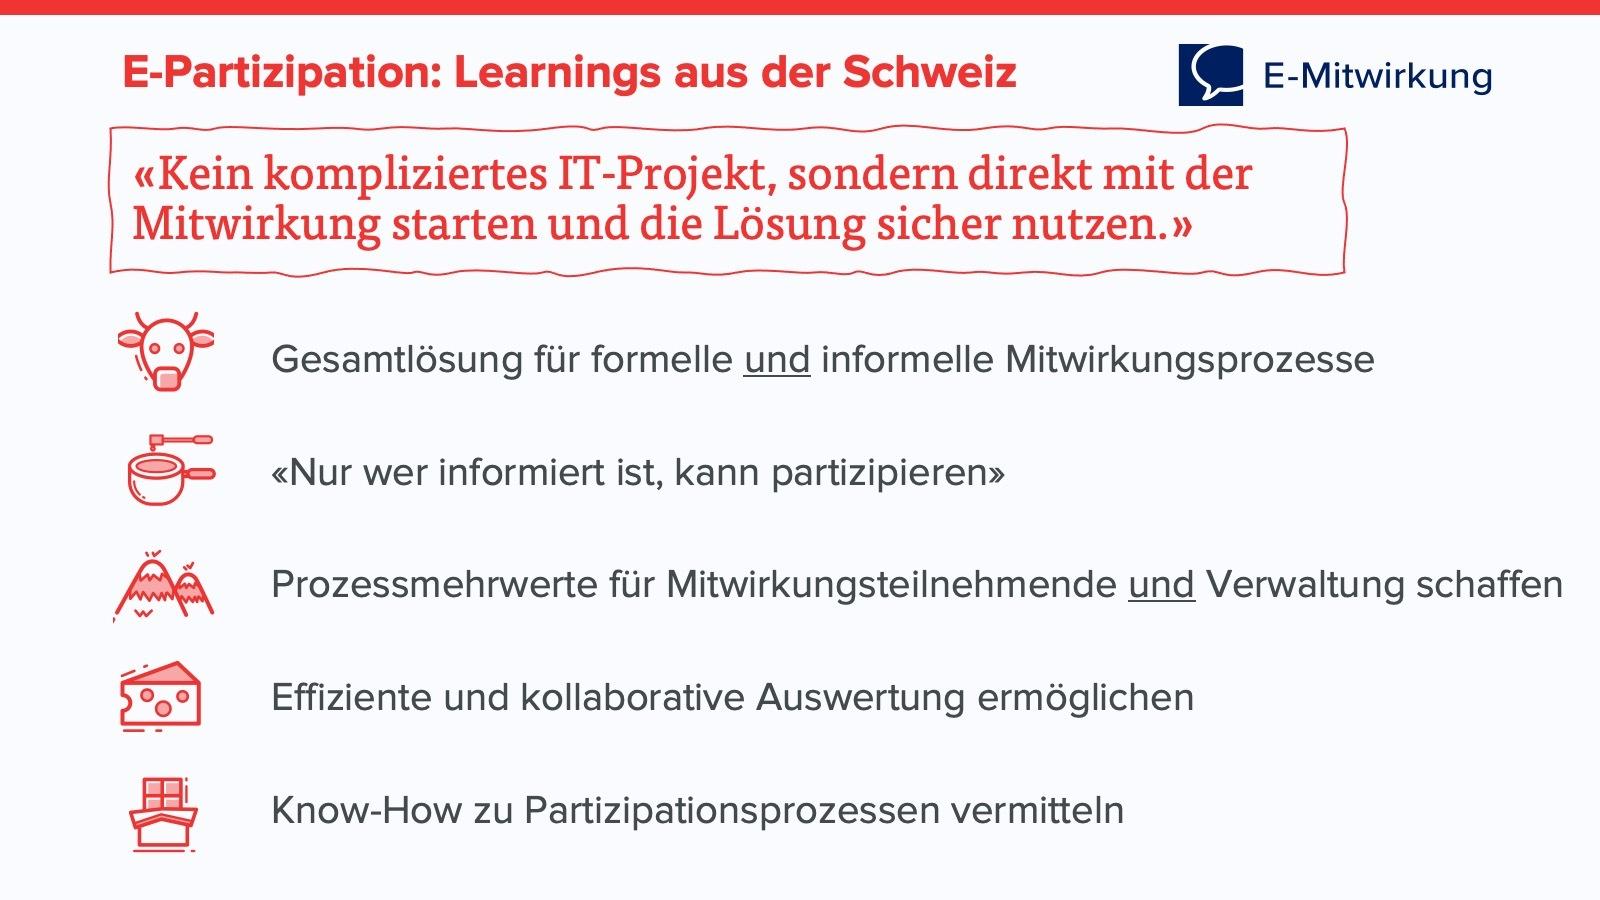 E-Partizipation in der Schweiz